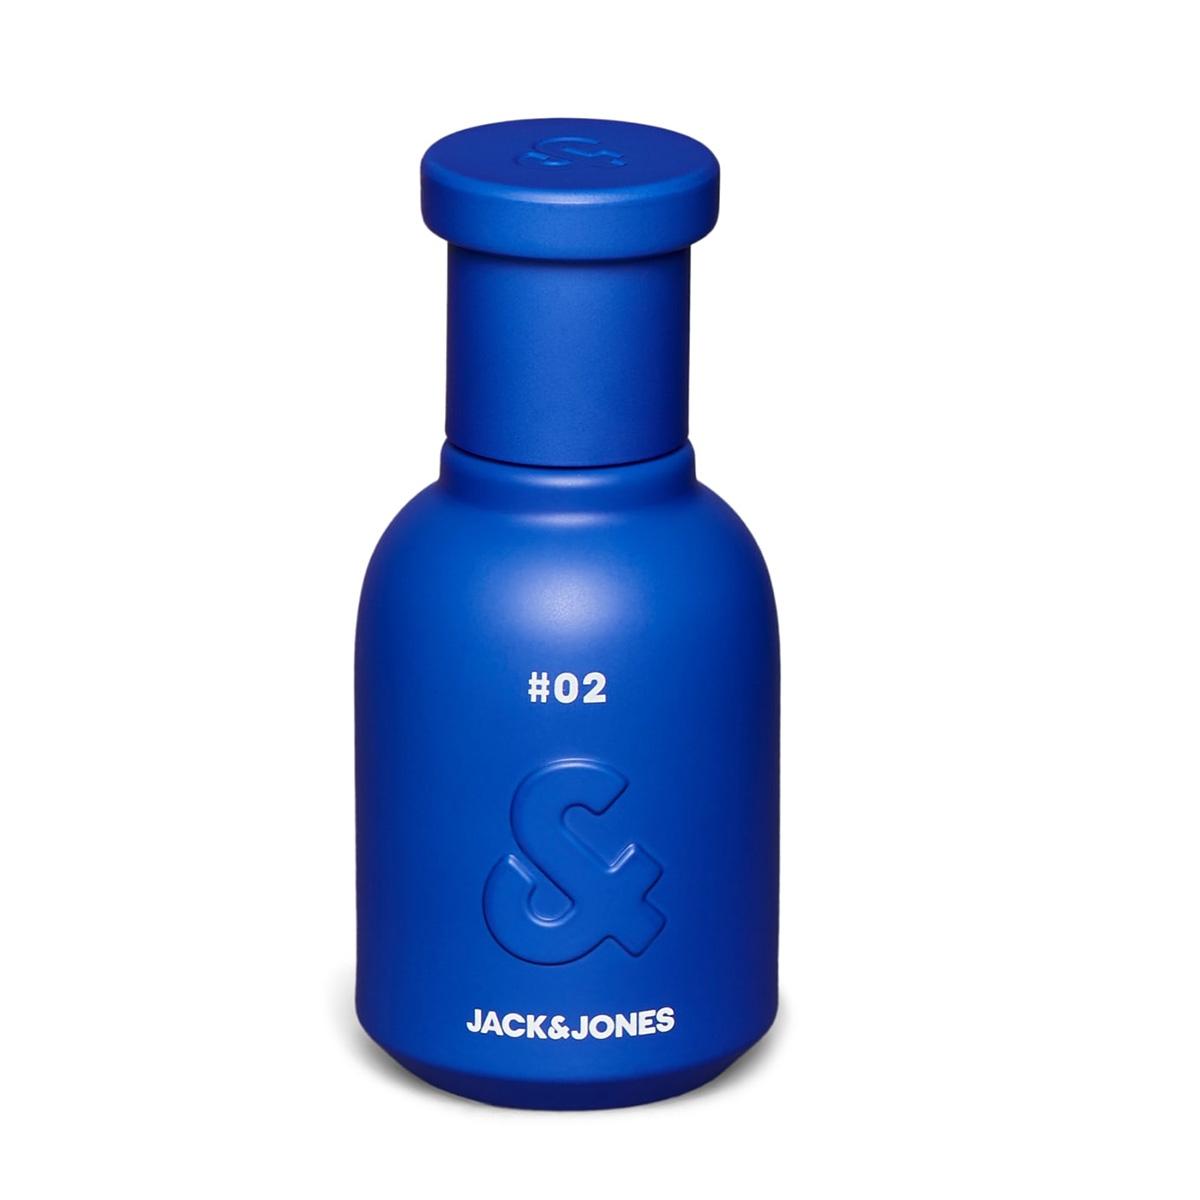 jac 02 blue jj fragrance 40 ml 12163321 jack & jones accessoire surf the web